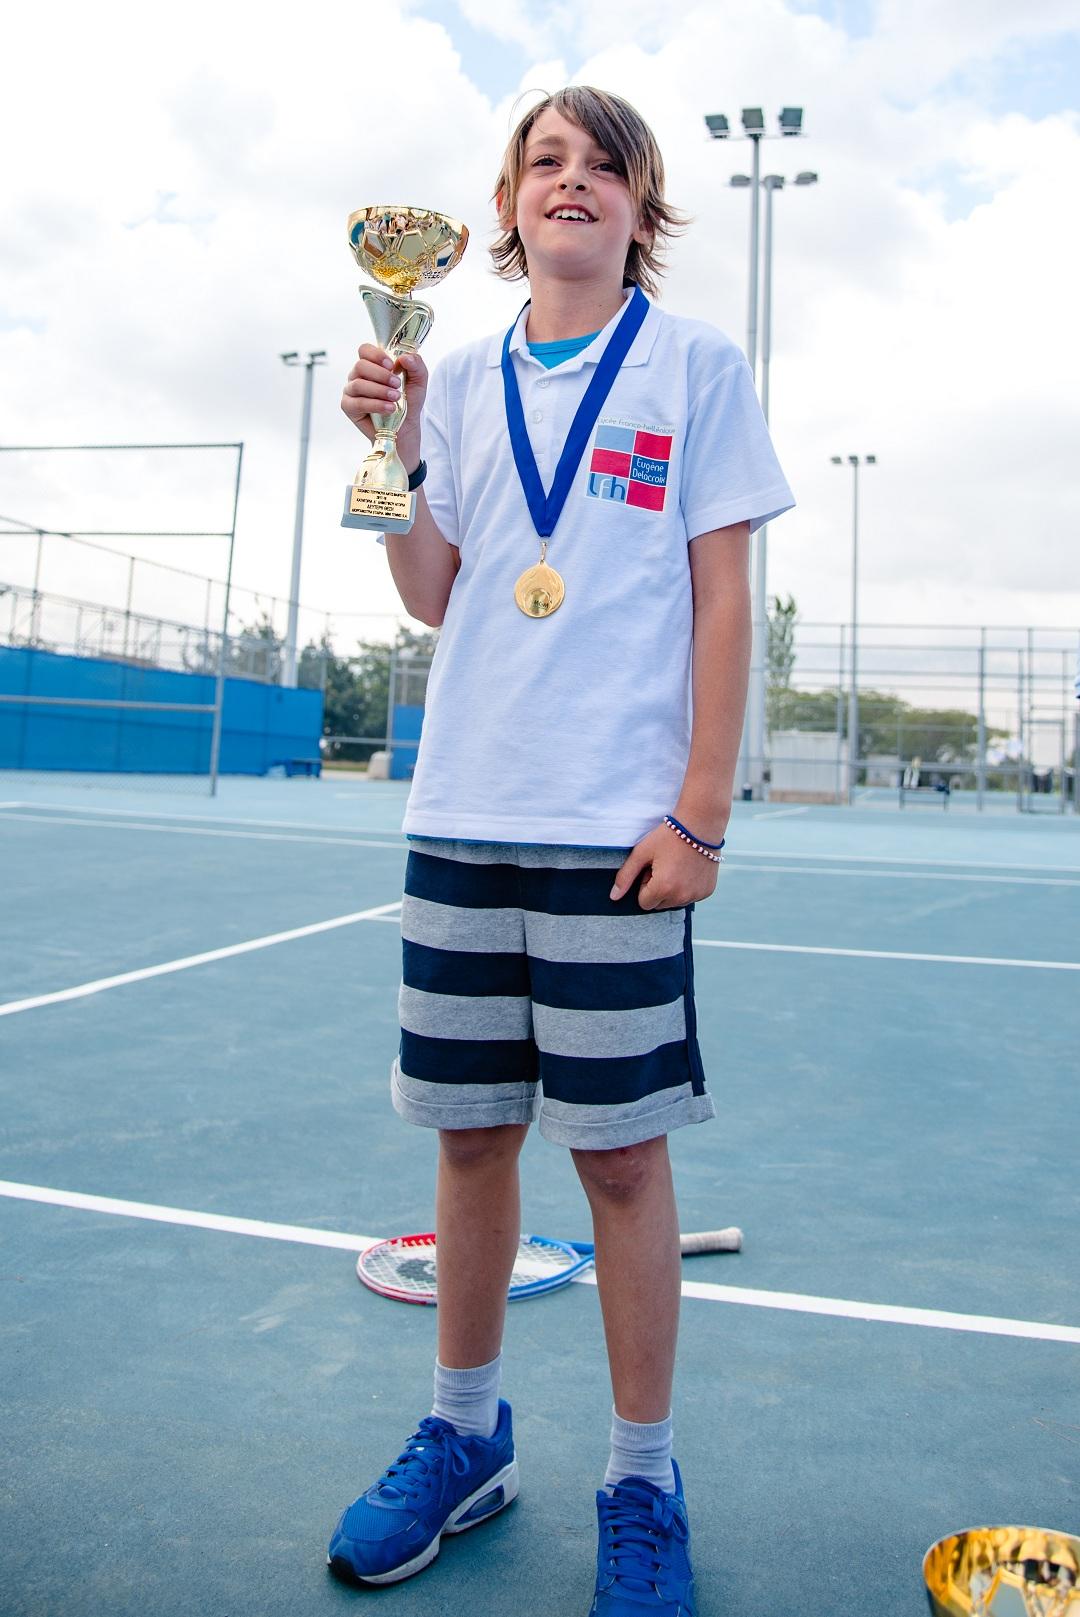 Nos élèves de l'AES tennis rentrent victorieux du tournoi à OAKA-9